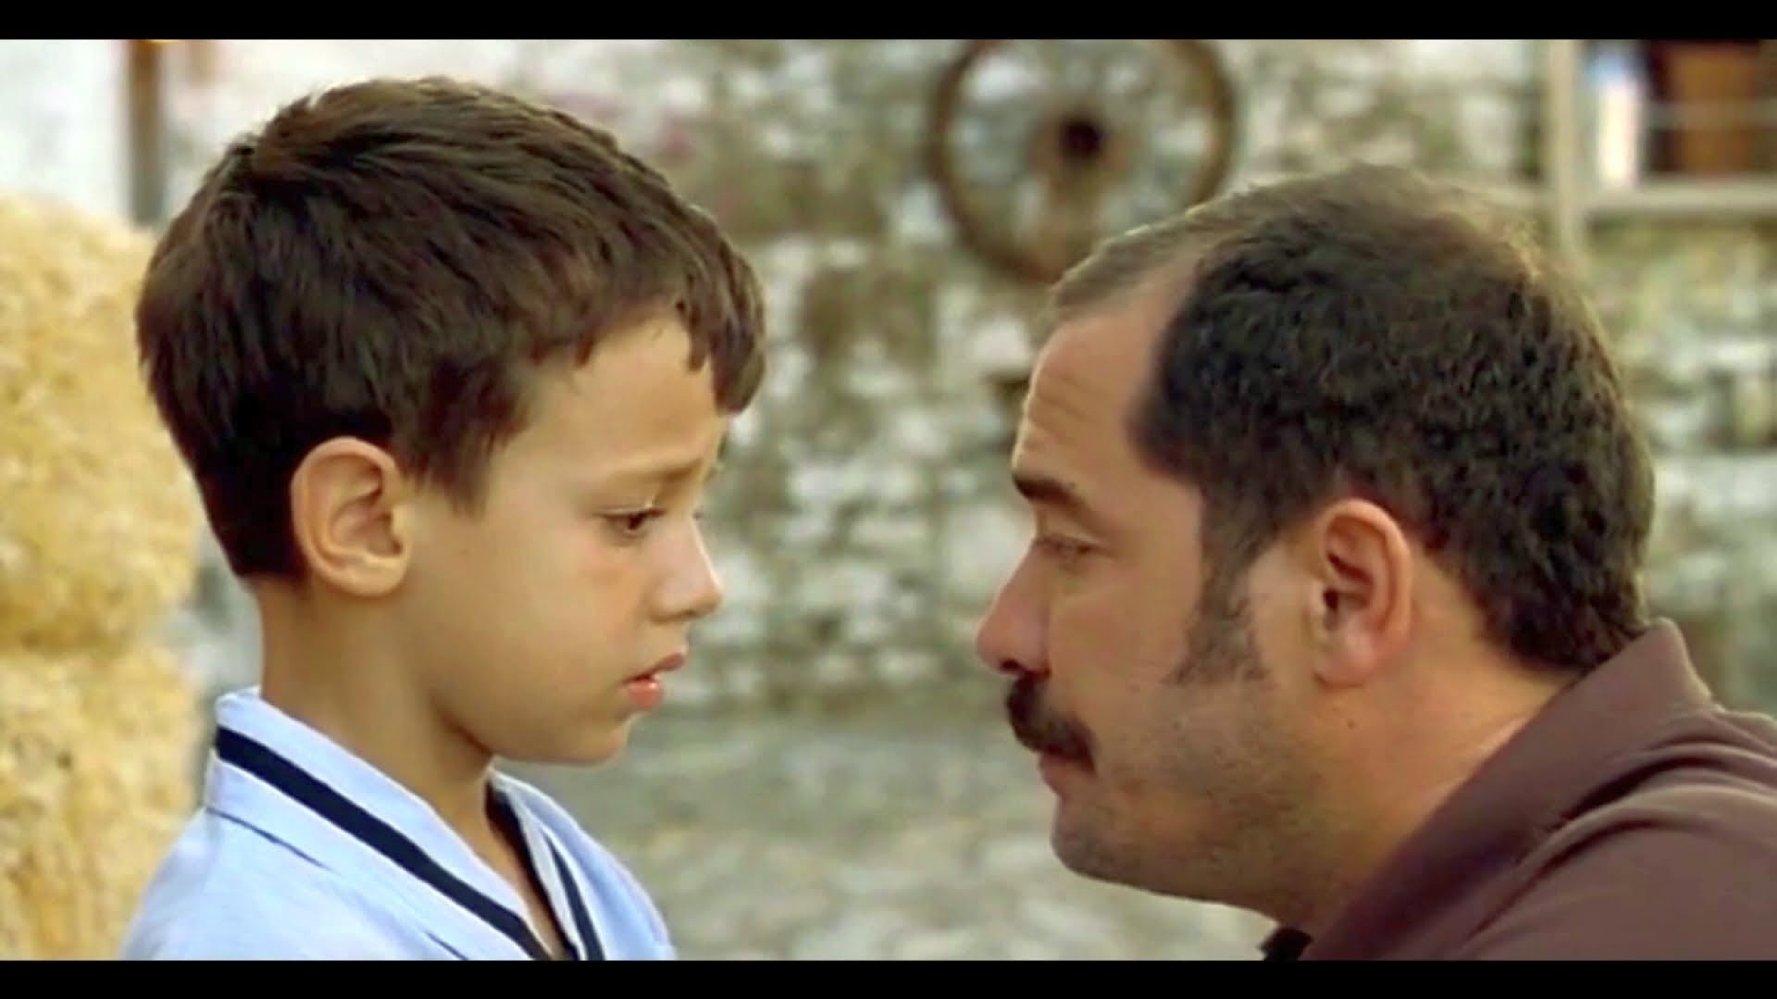 Babam ve Oğlum'un Küçük Yıldızı Ege Tanman'ın Son Hali Çok Şaşırtıyor! - 1